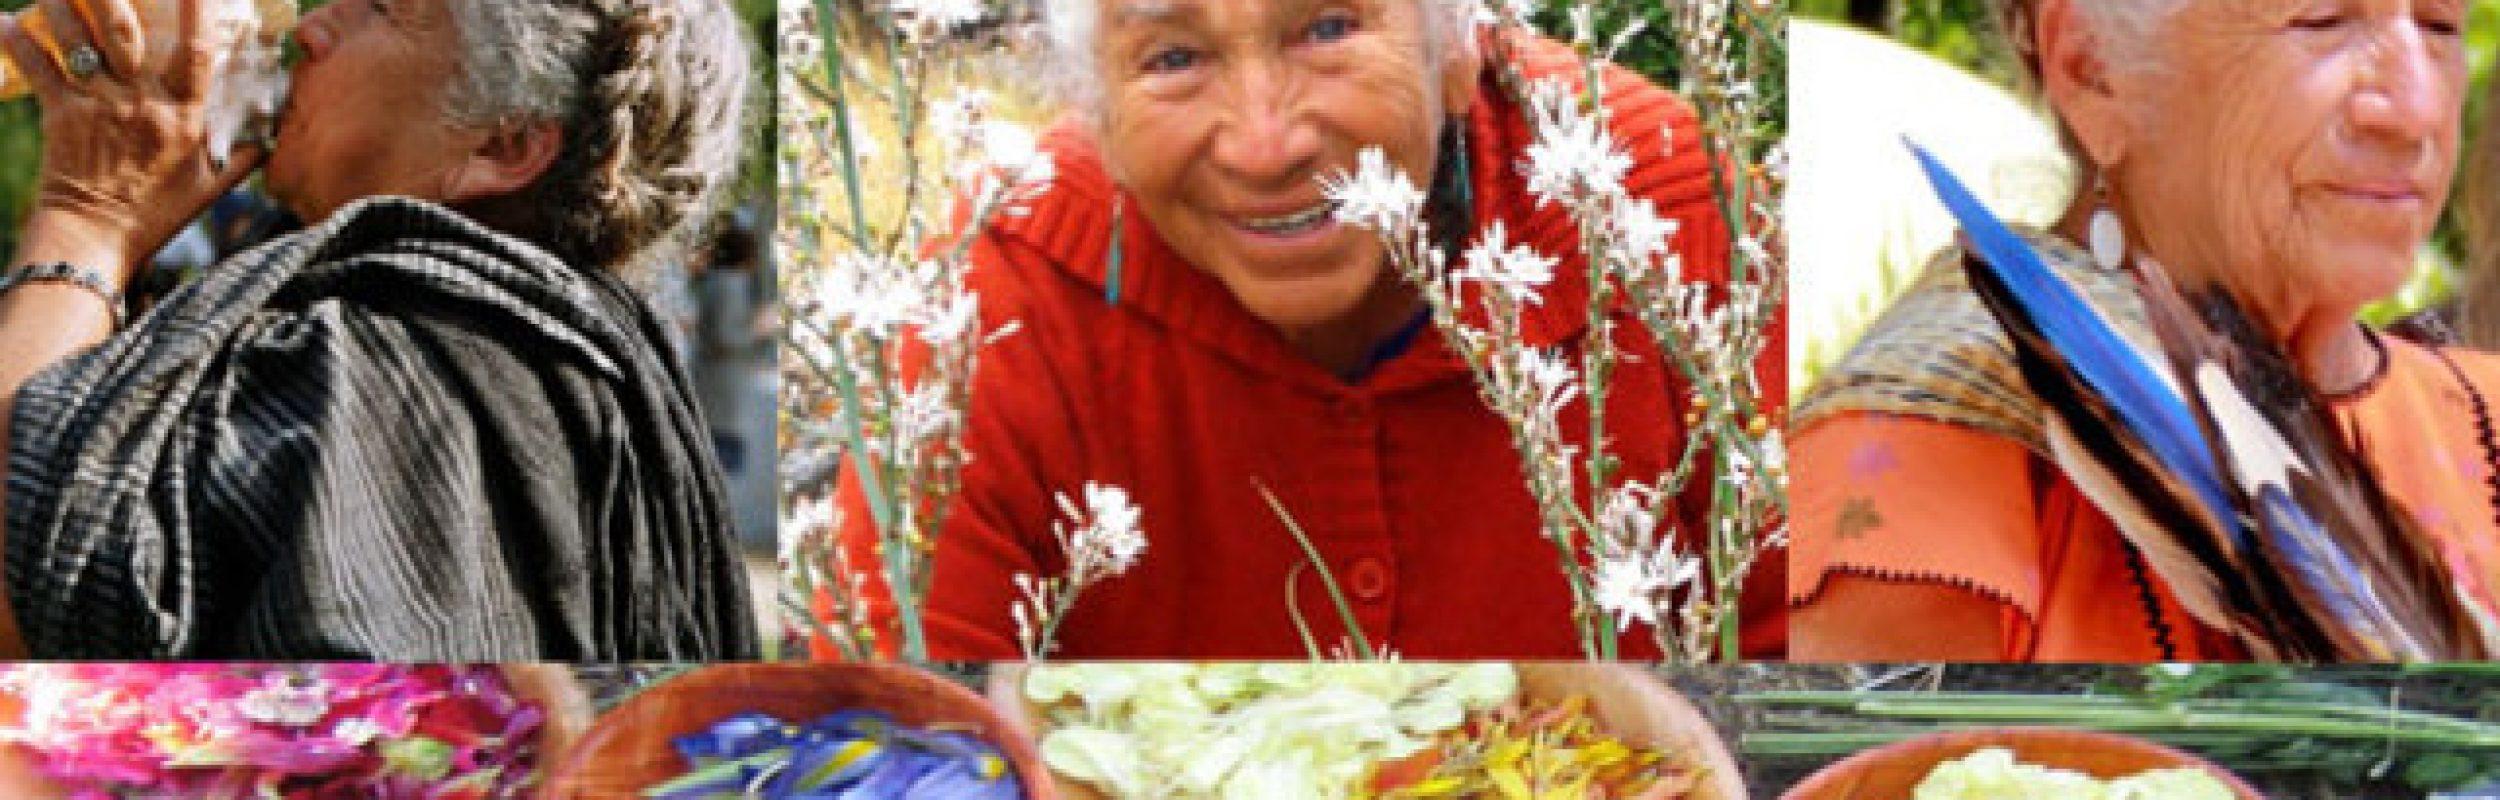 La abuela Margarita: chamanismo, brujería y la diosa